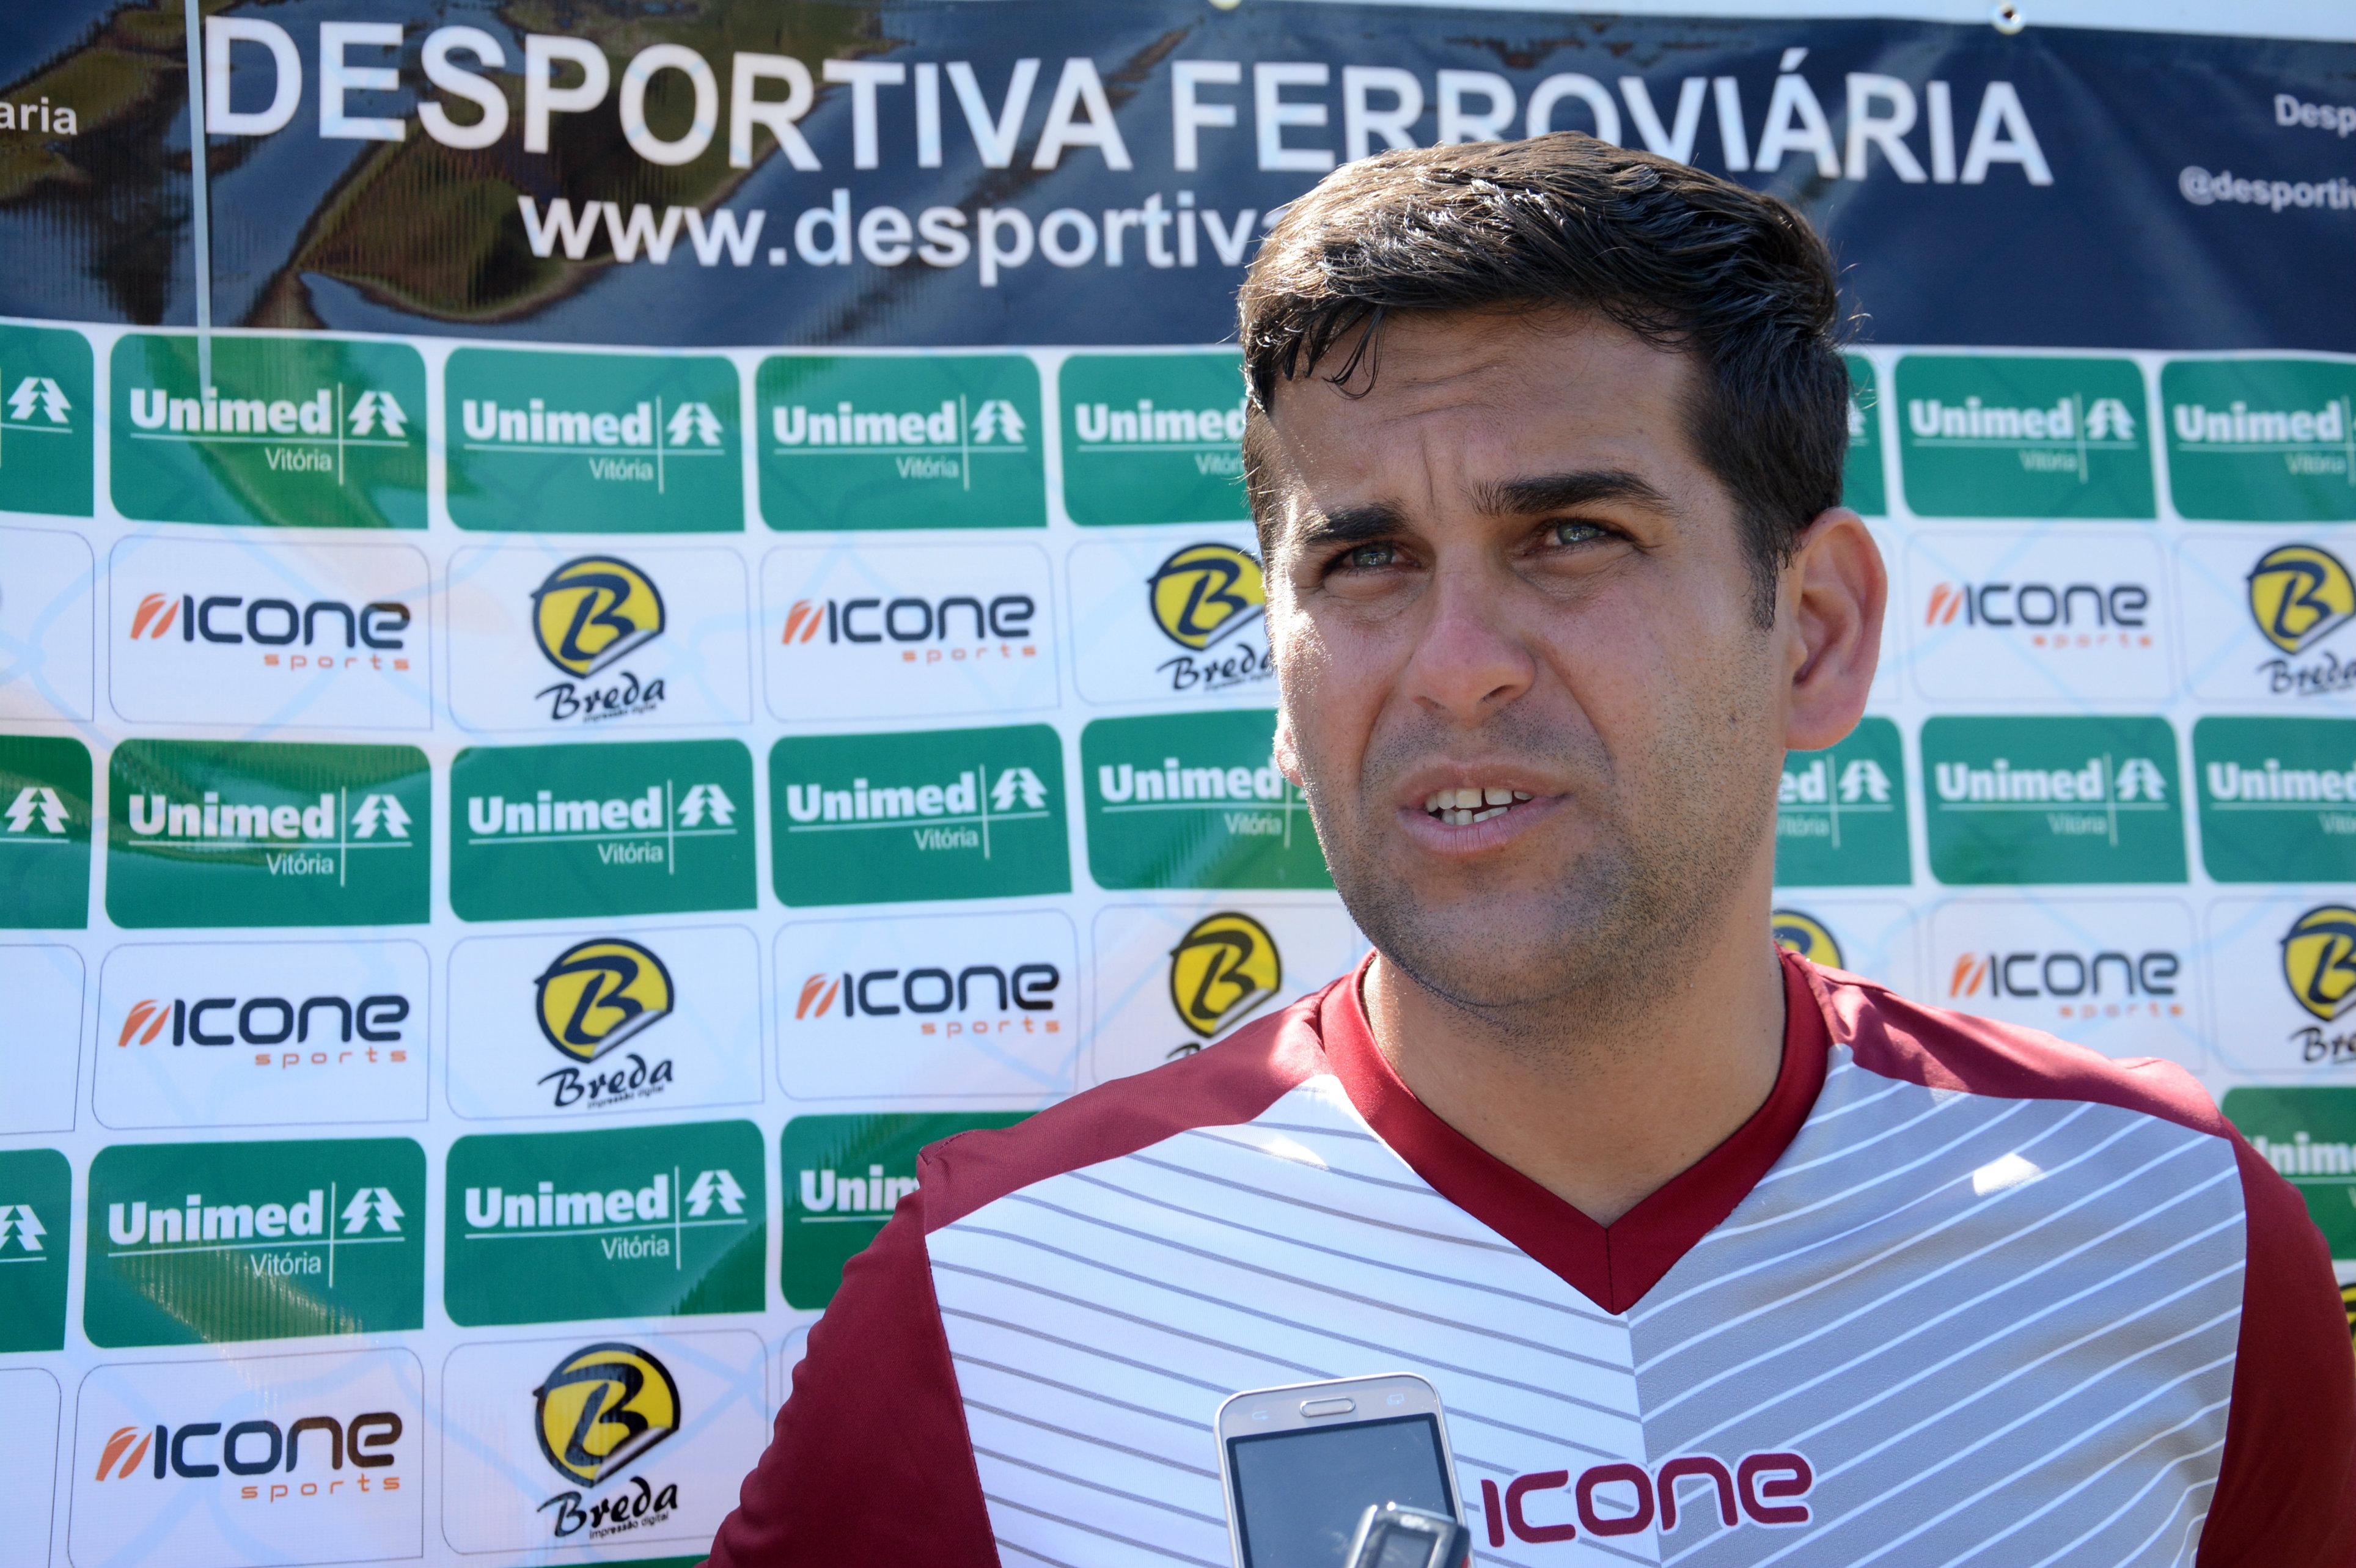 Rafael Soriano, técnico da Desportiva. Crédito: Henrique Montovanelli/Desportiva Ferroviária